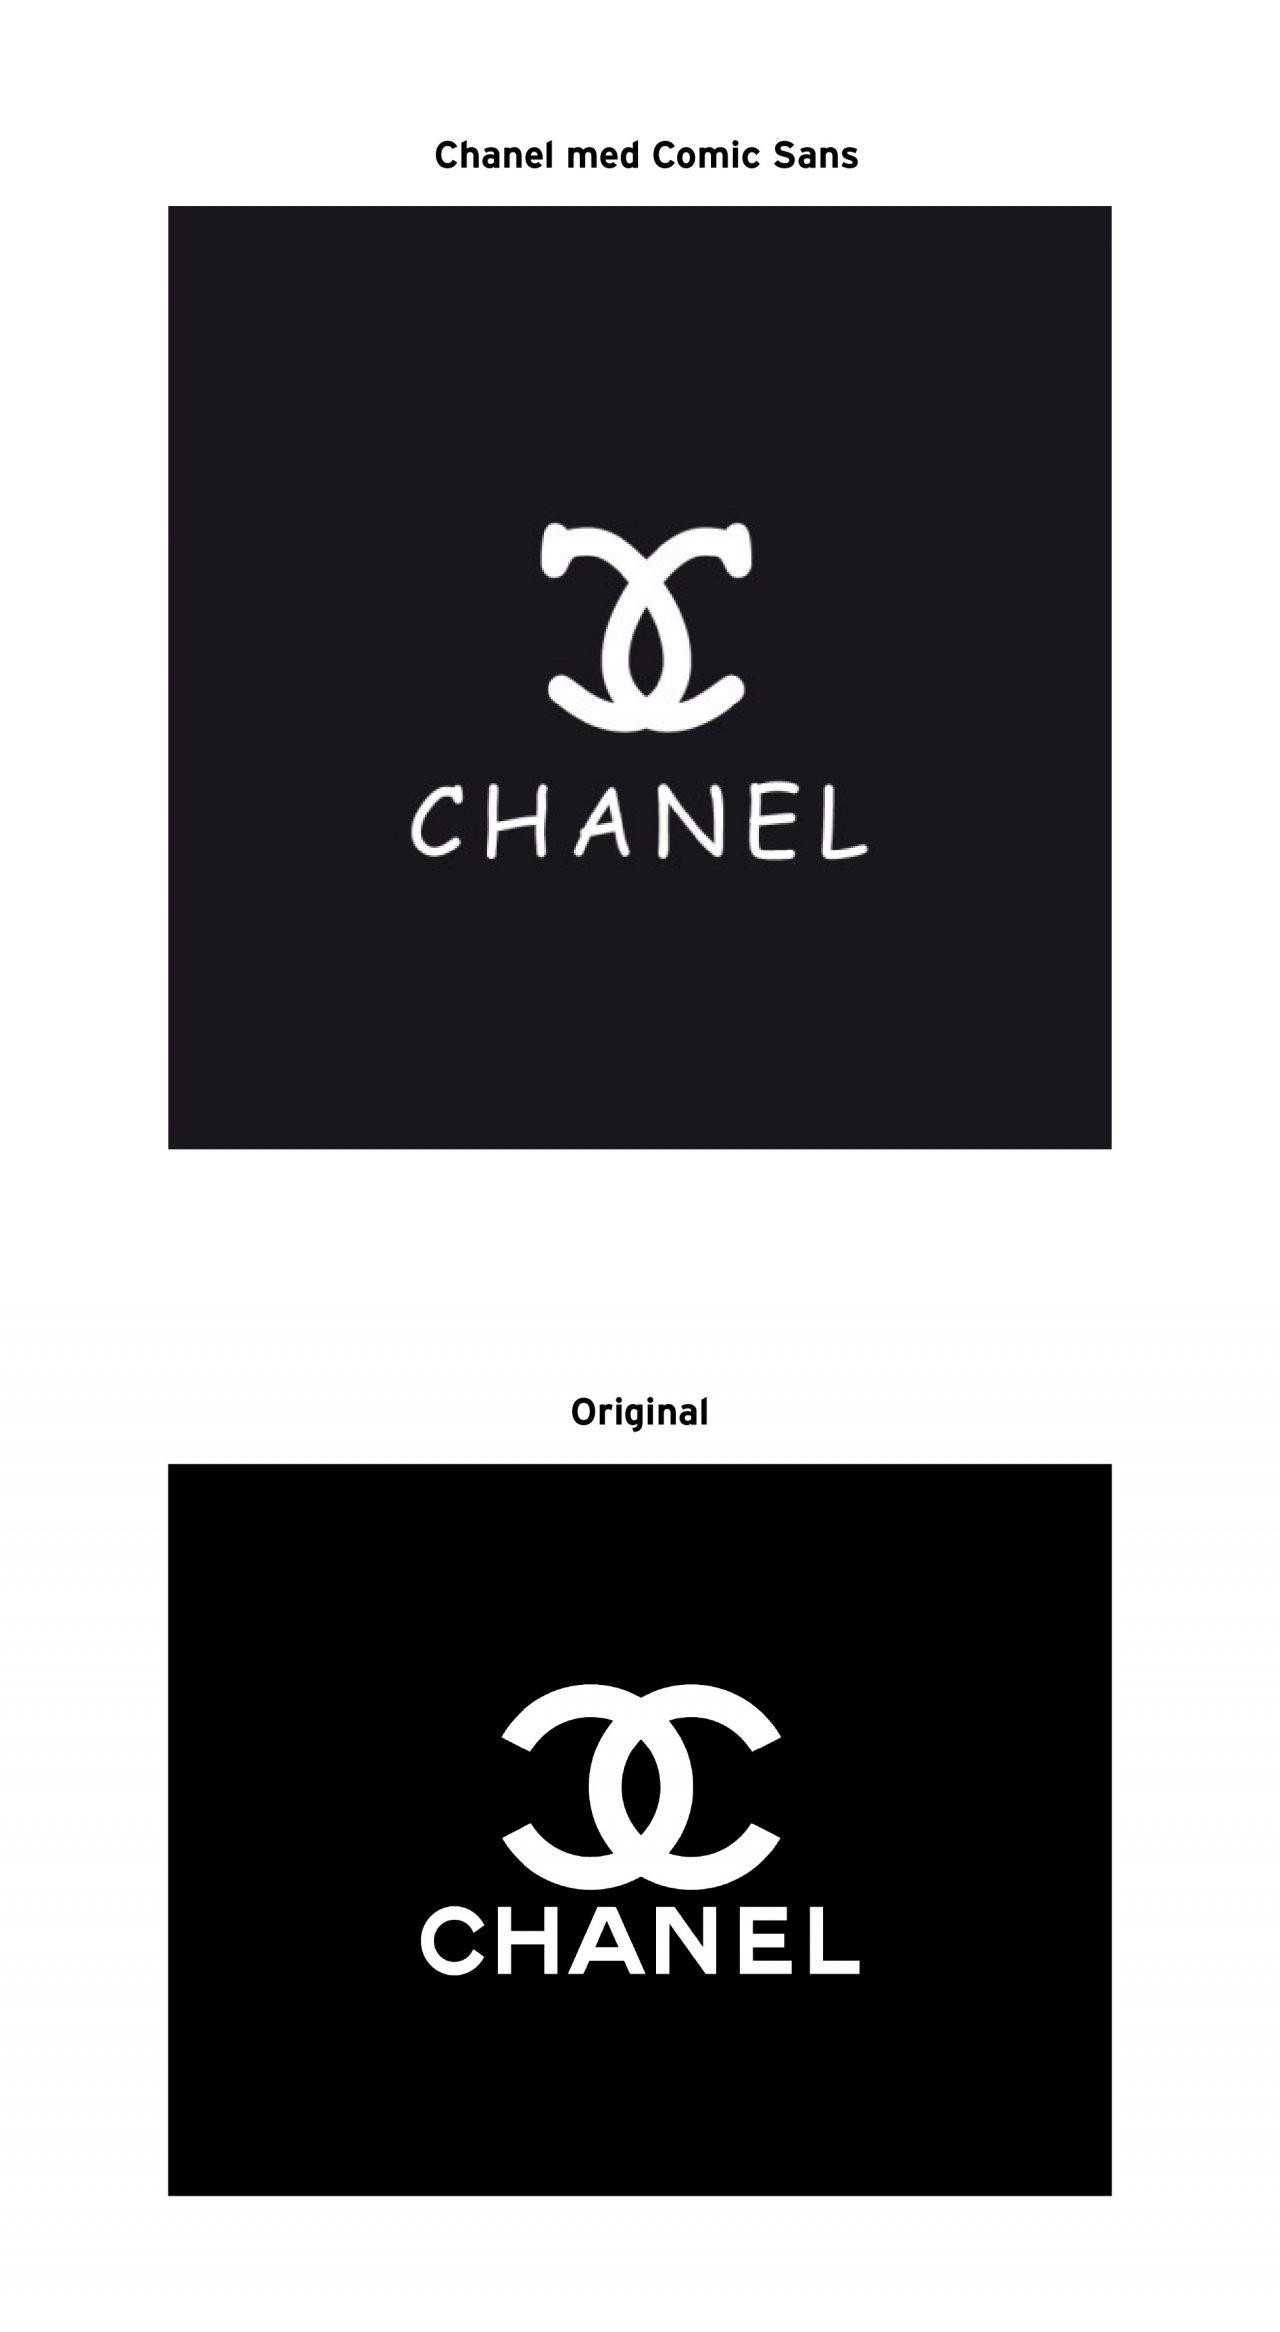 Chanel i Comic Sans jämförelse med original